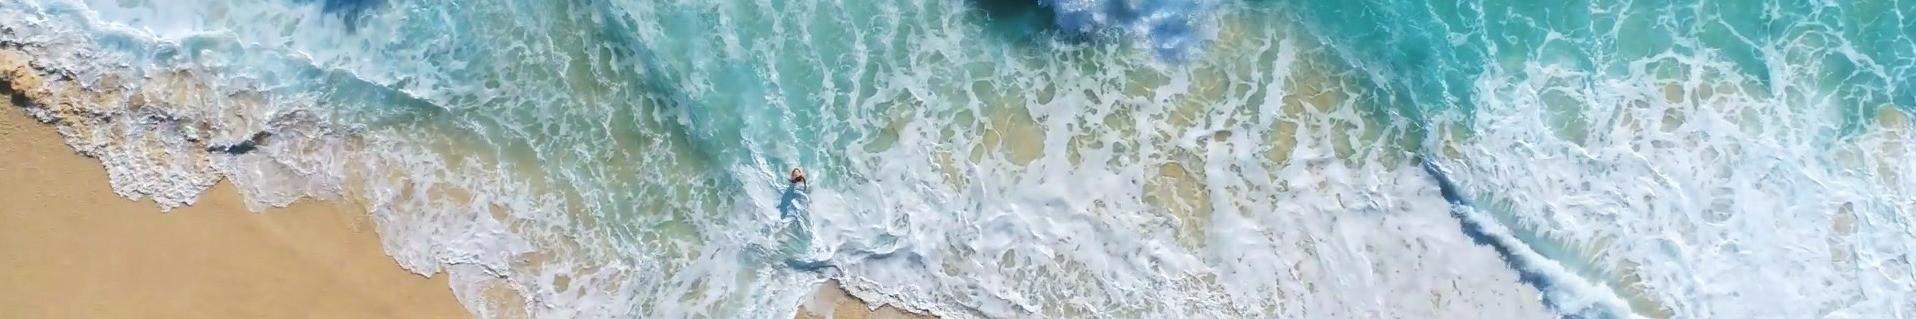 Создание видеоклипа вашего мероприятия на Коста дель Соль